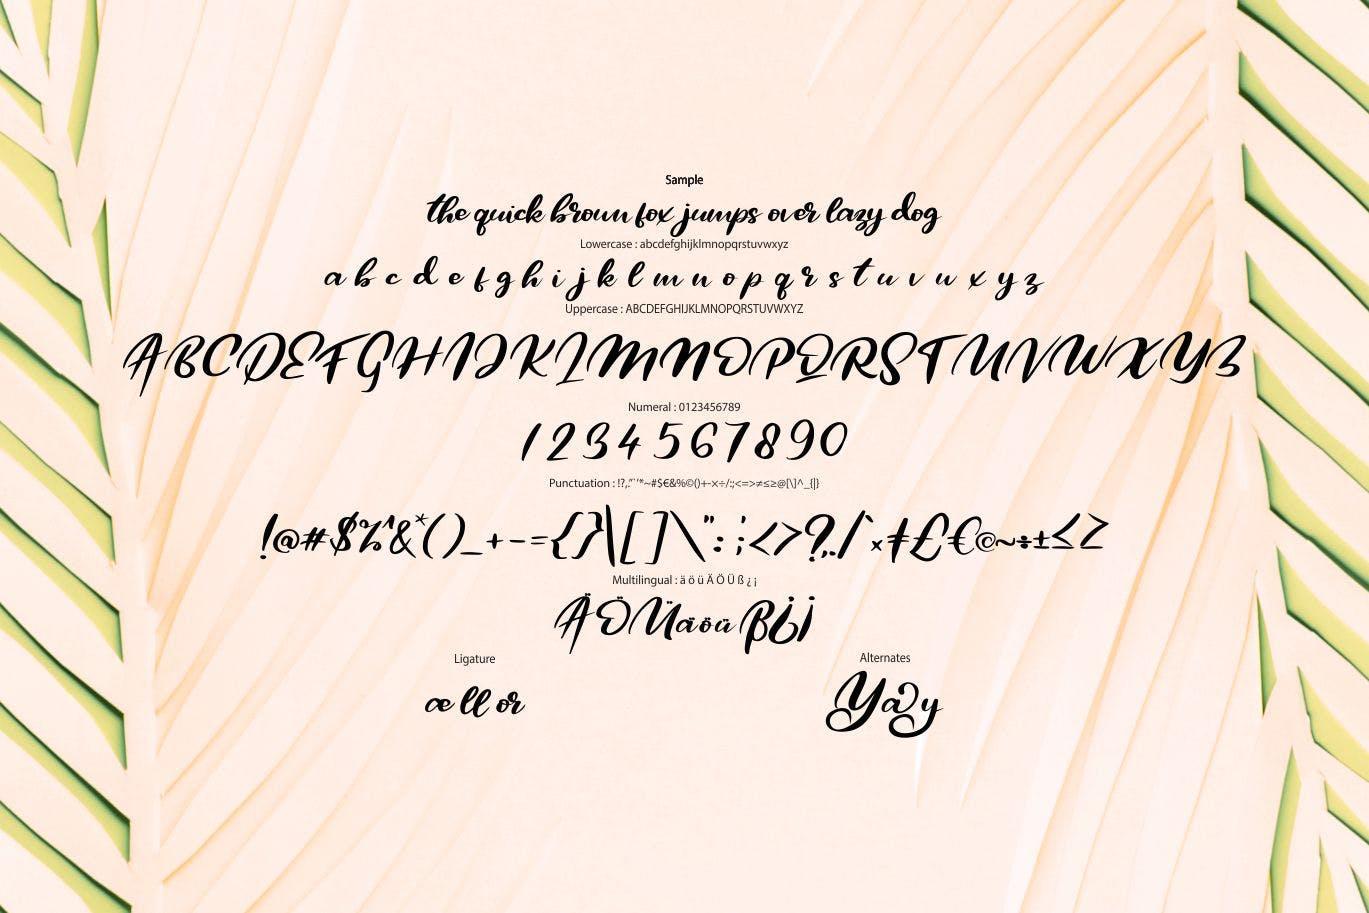 极简主义排版设计风格英文书法字体 Qors | Minimalism Script Font设计素材模板